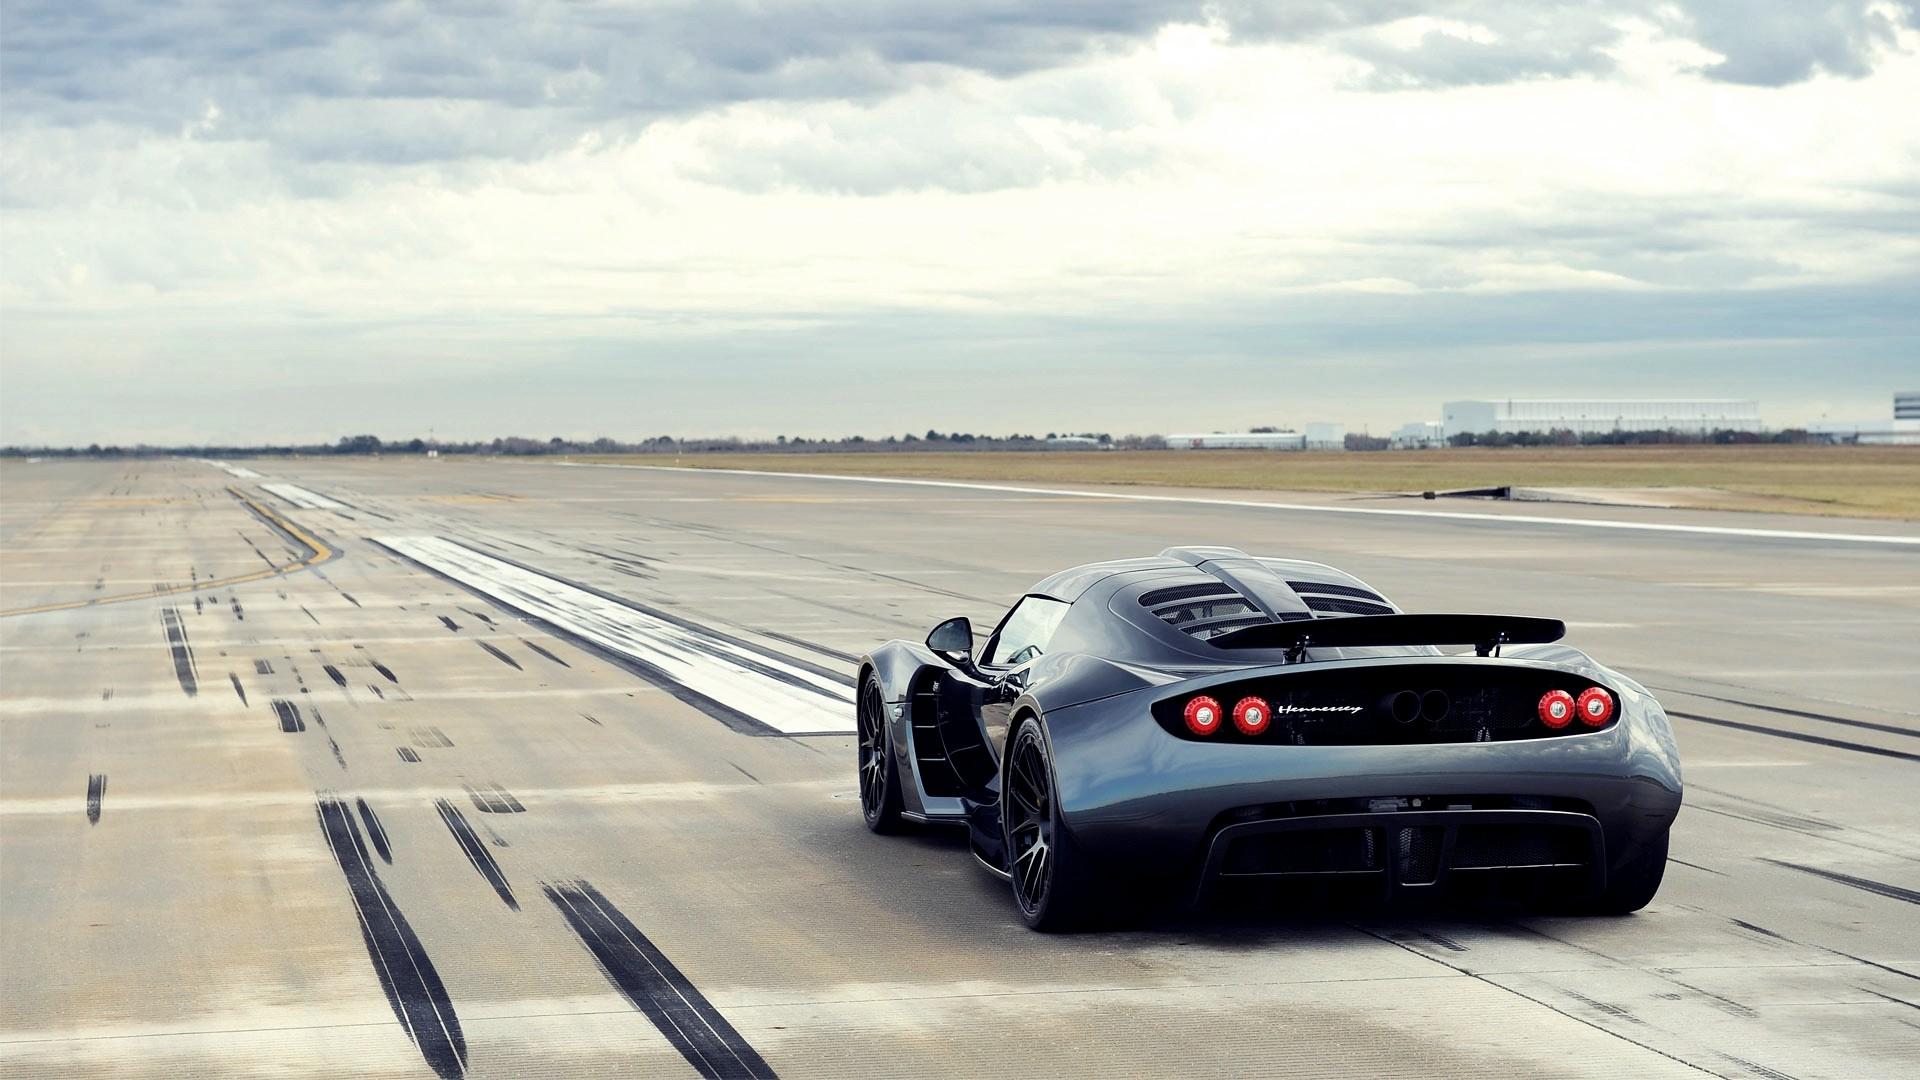 Lamborghini Car Wallpaper Hd Download 1080p Car Wallpaper Hd Pixelstalk Net